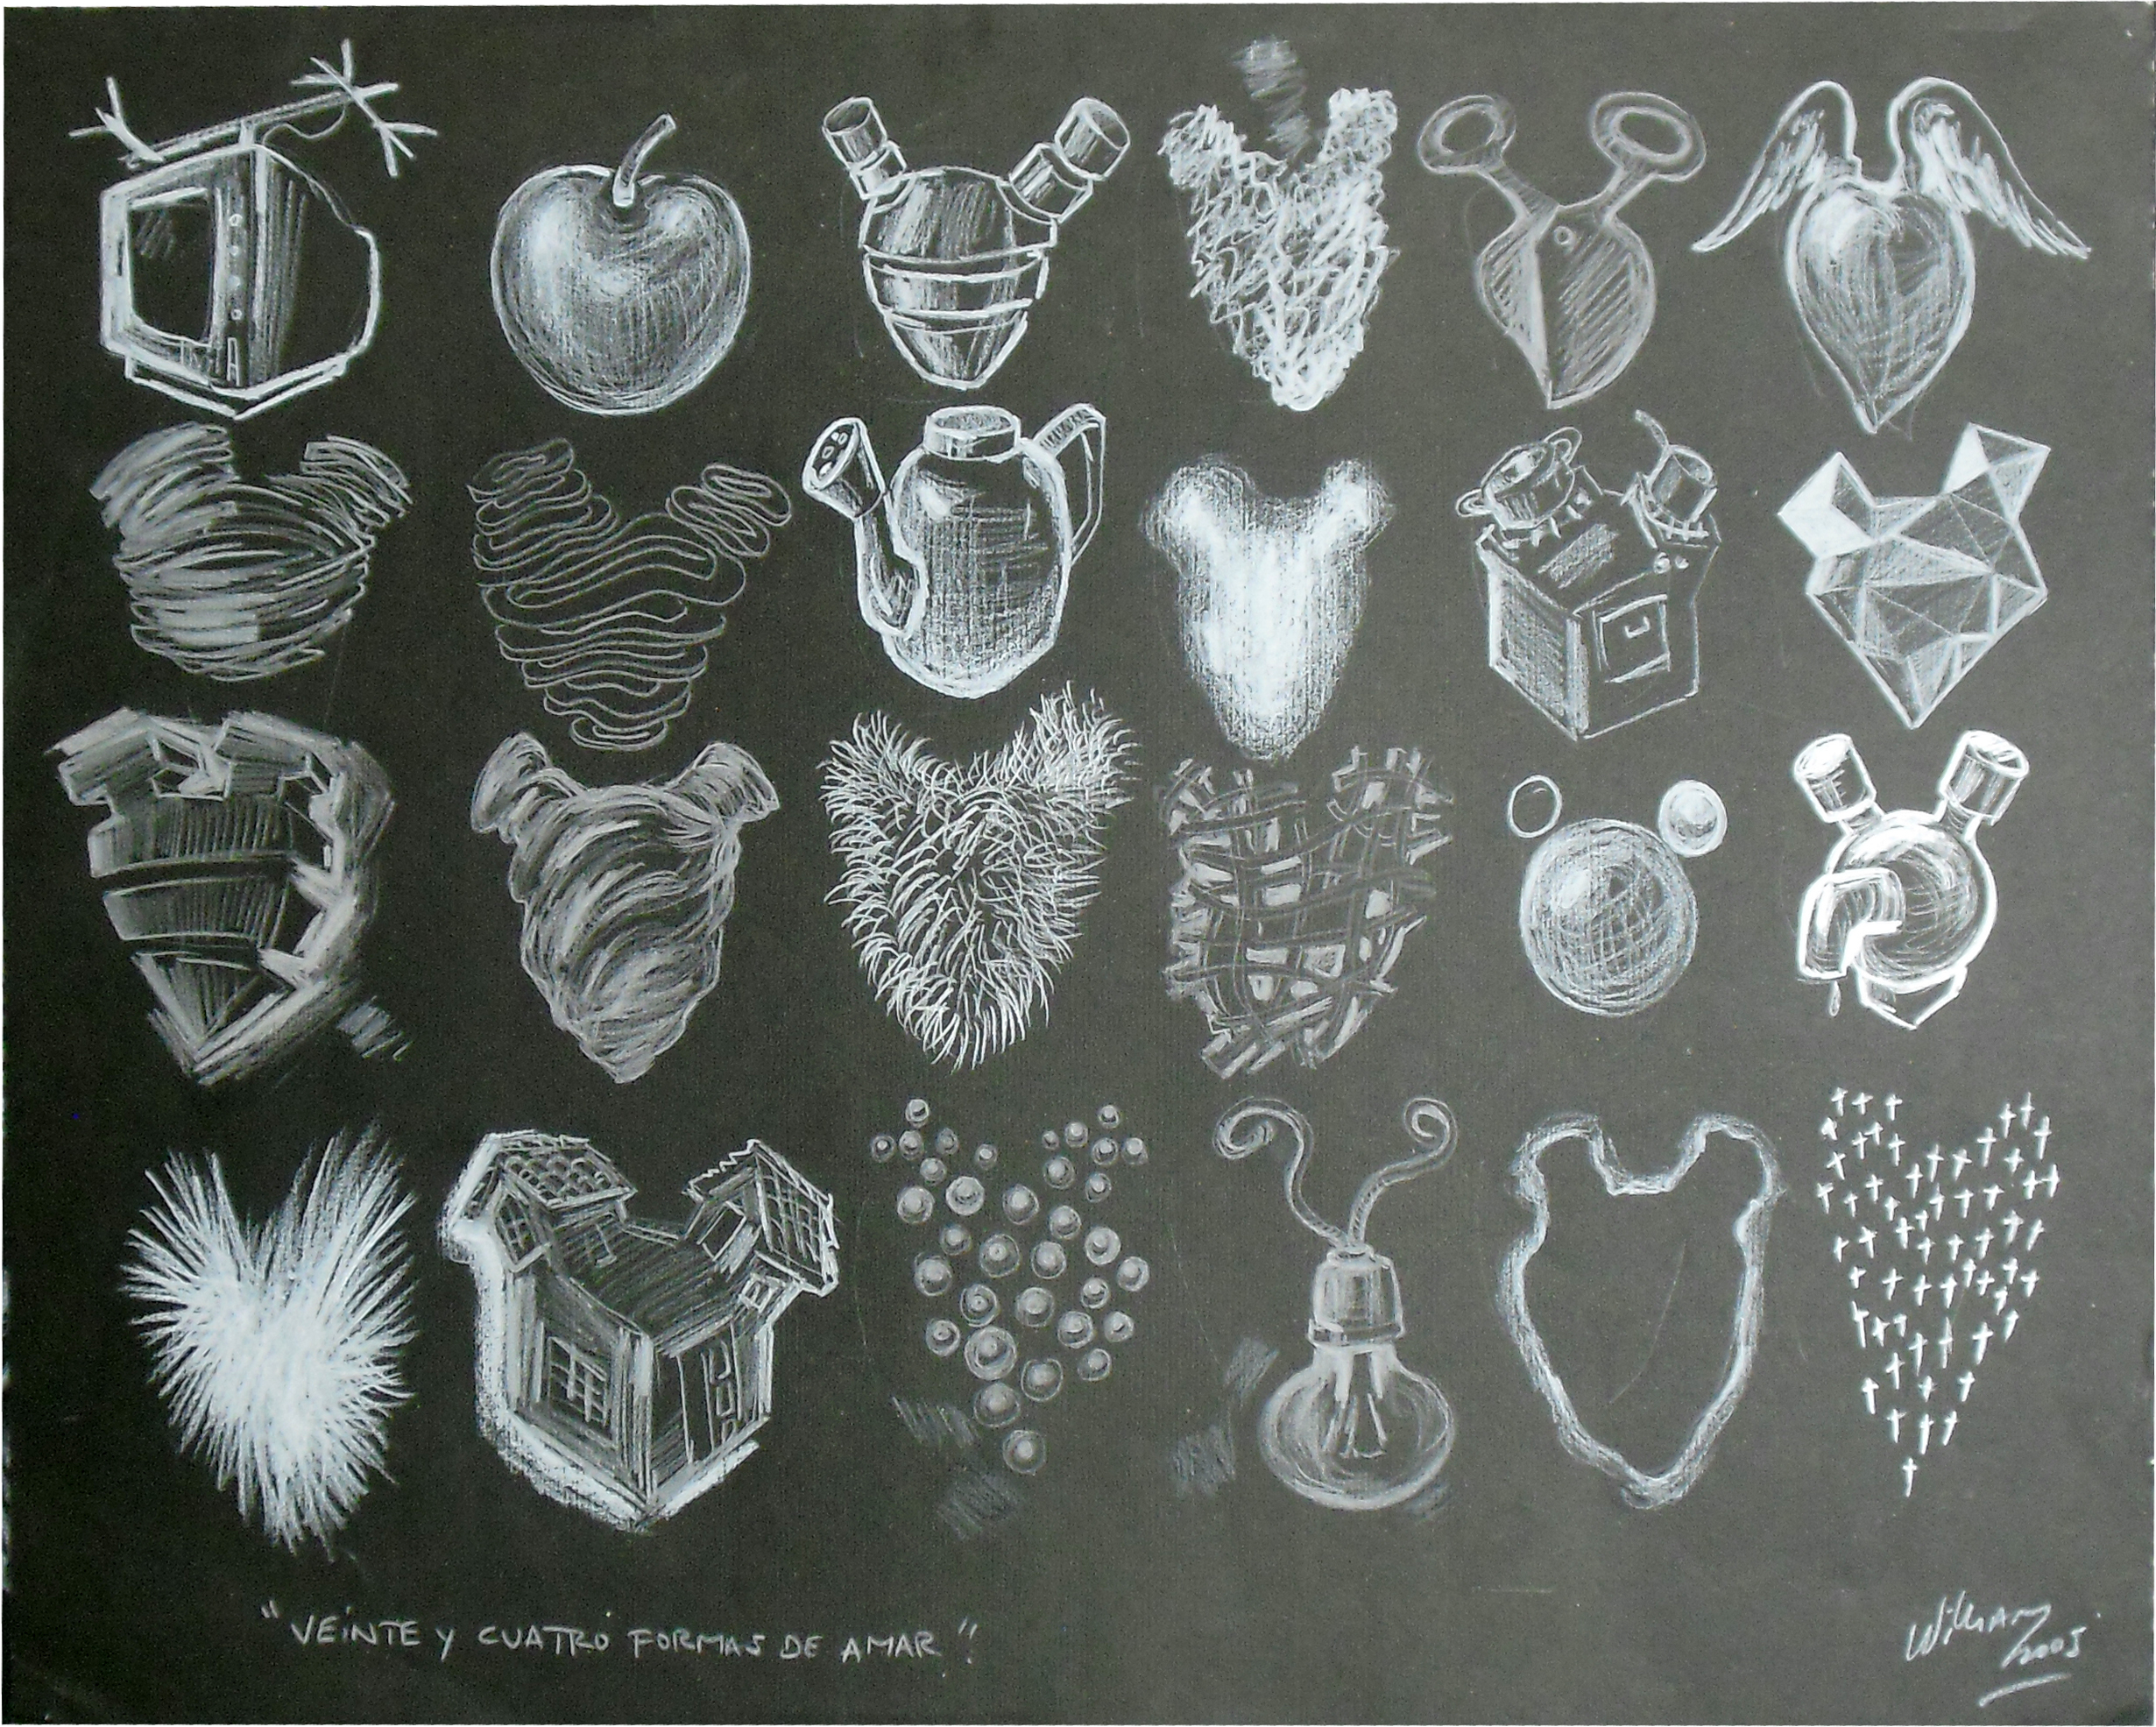 24 formas de amar